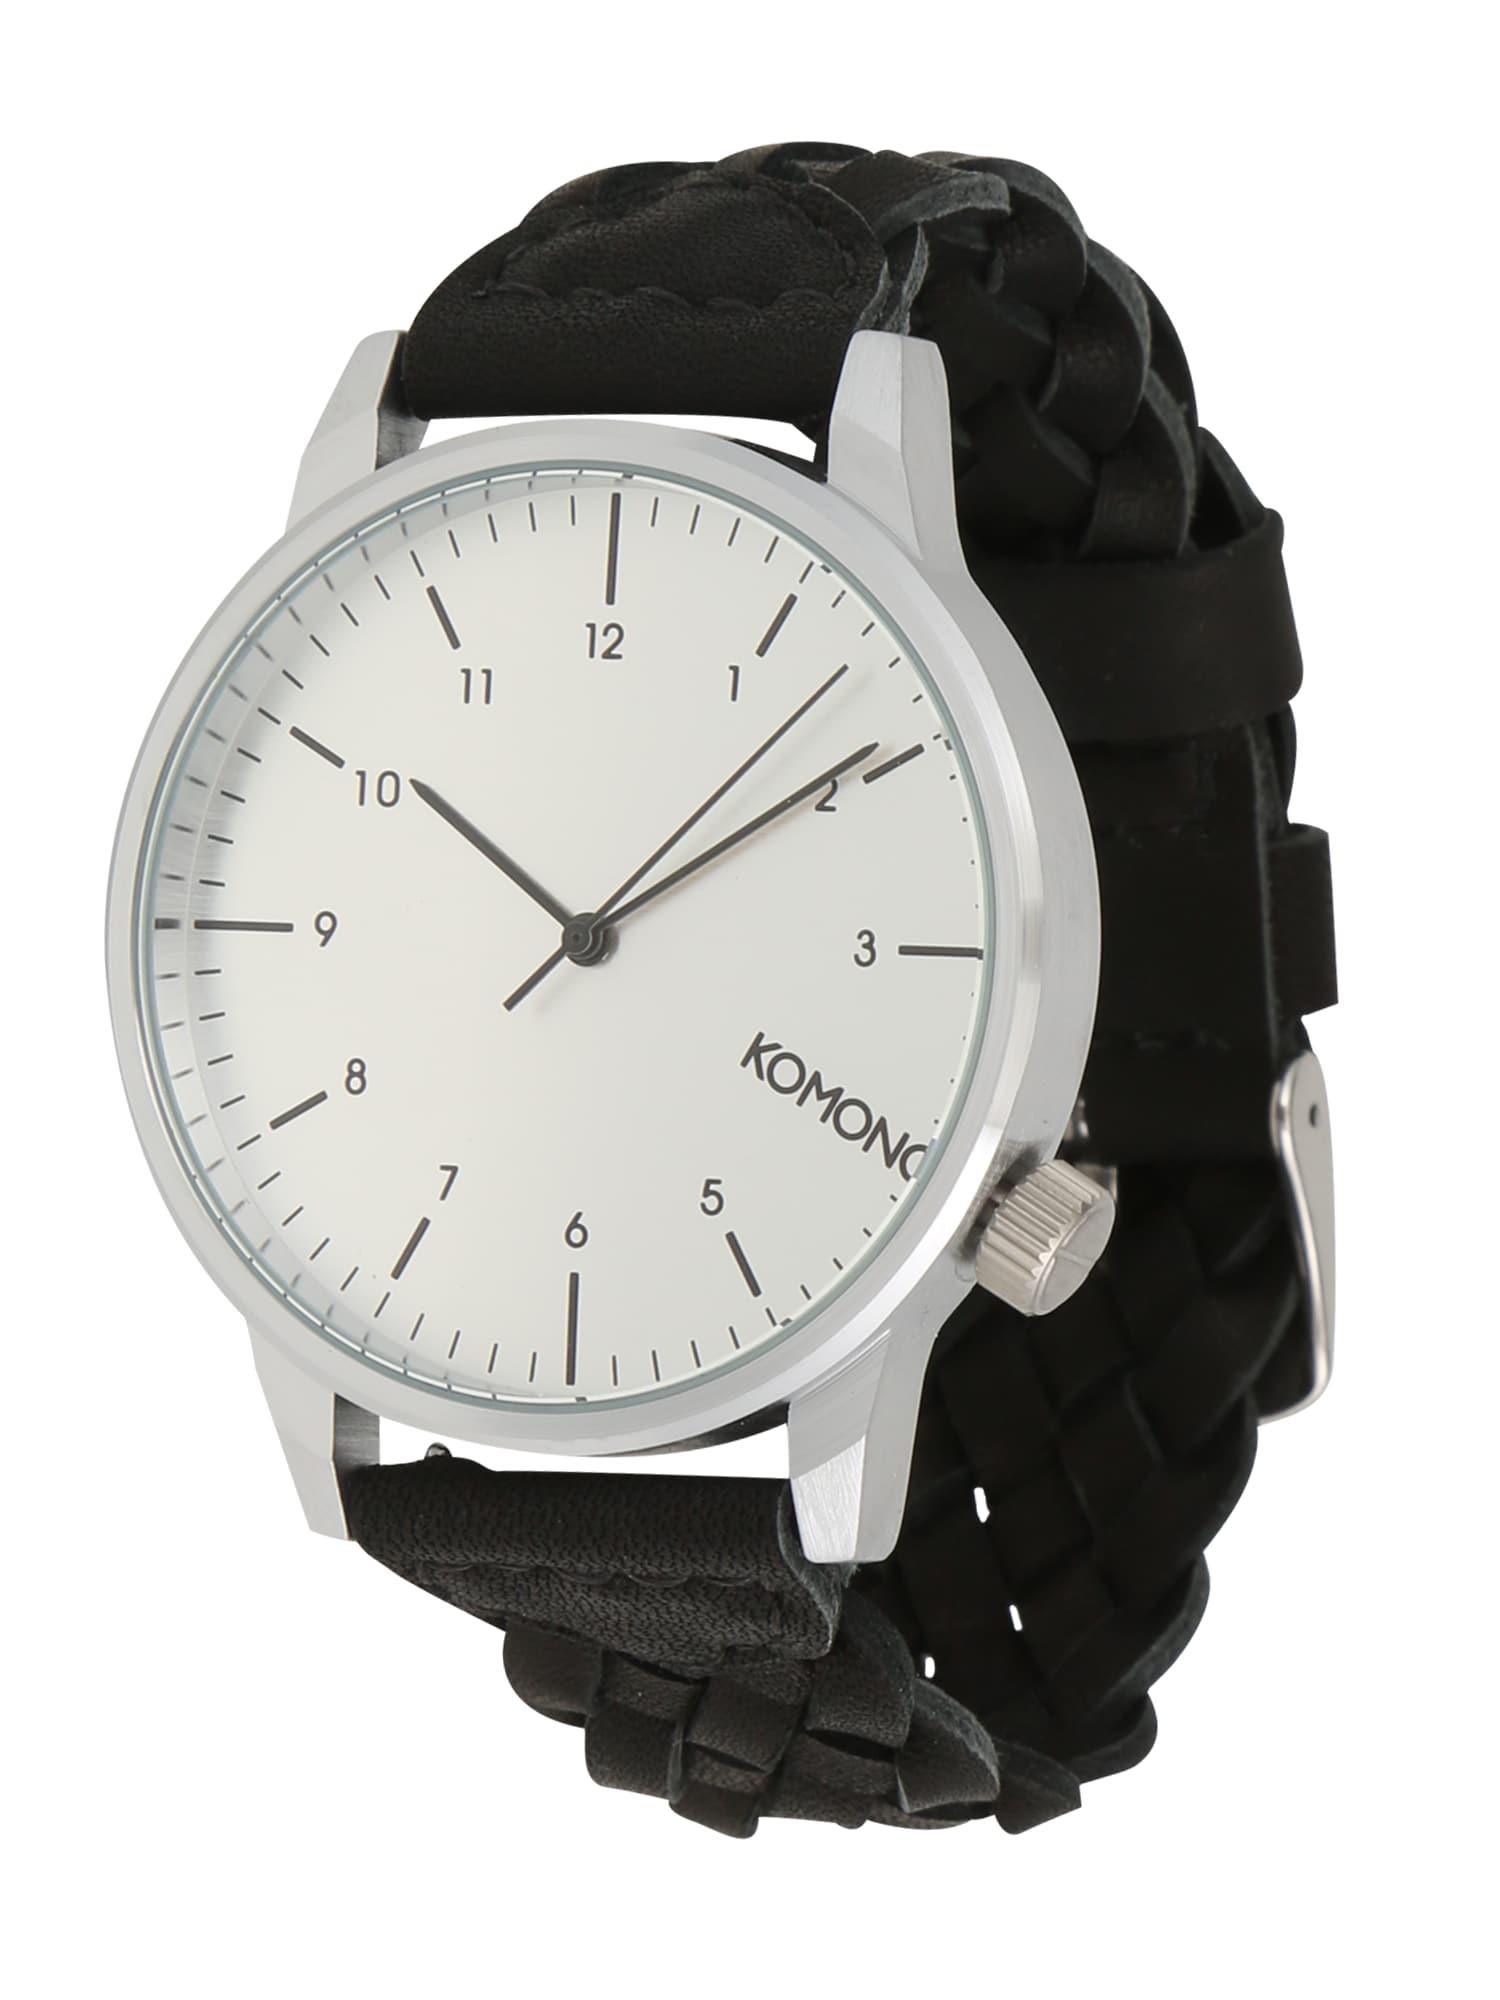 Analogové hodinky Winston černá stříbrná Komono